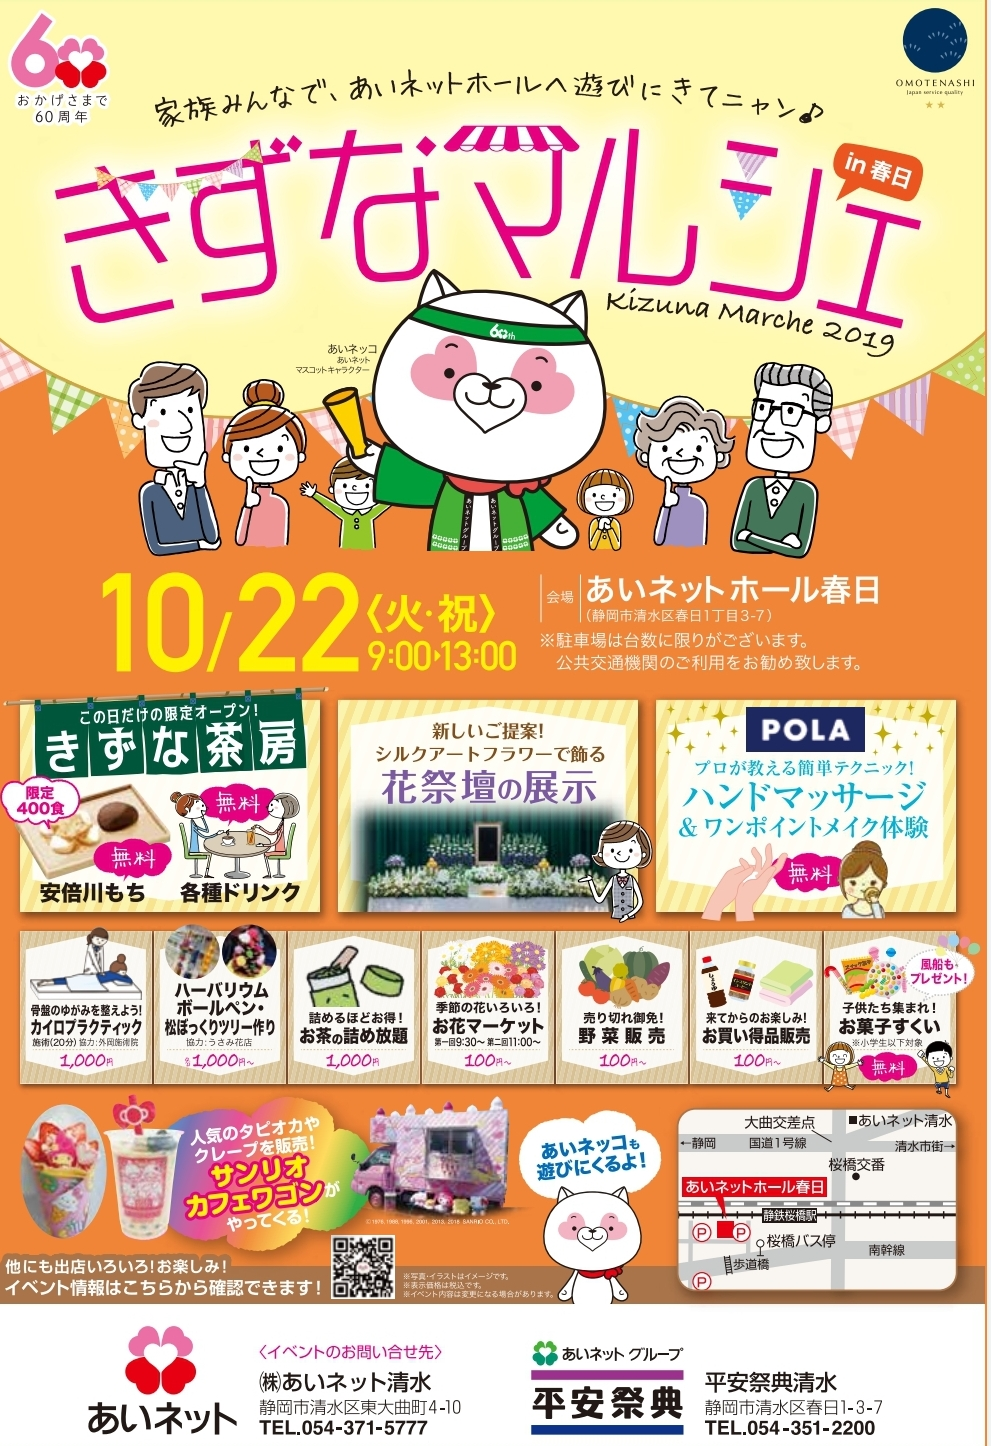 【10/22開催】☆★☆感謝イベント☆★☆きずなマルシェin春日